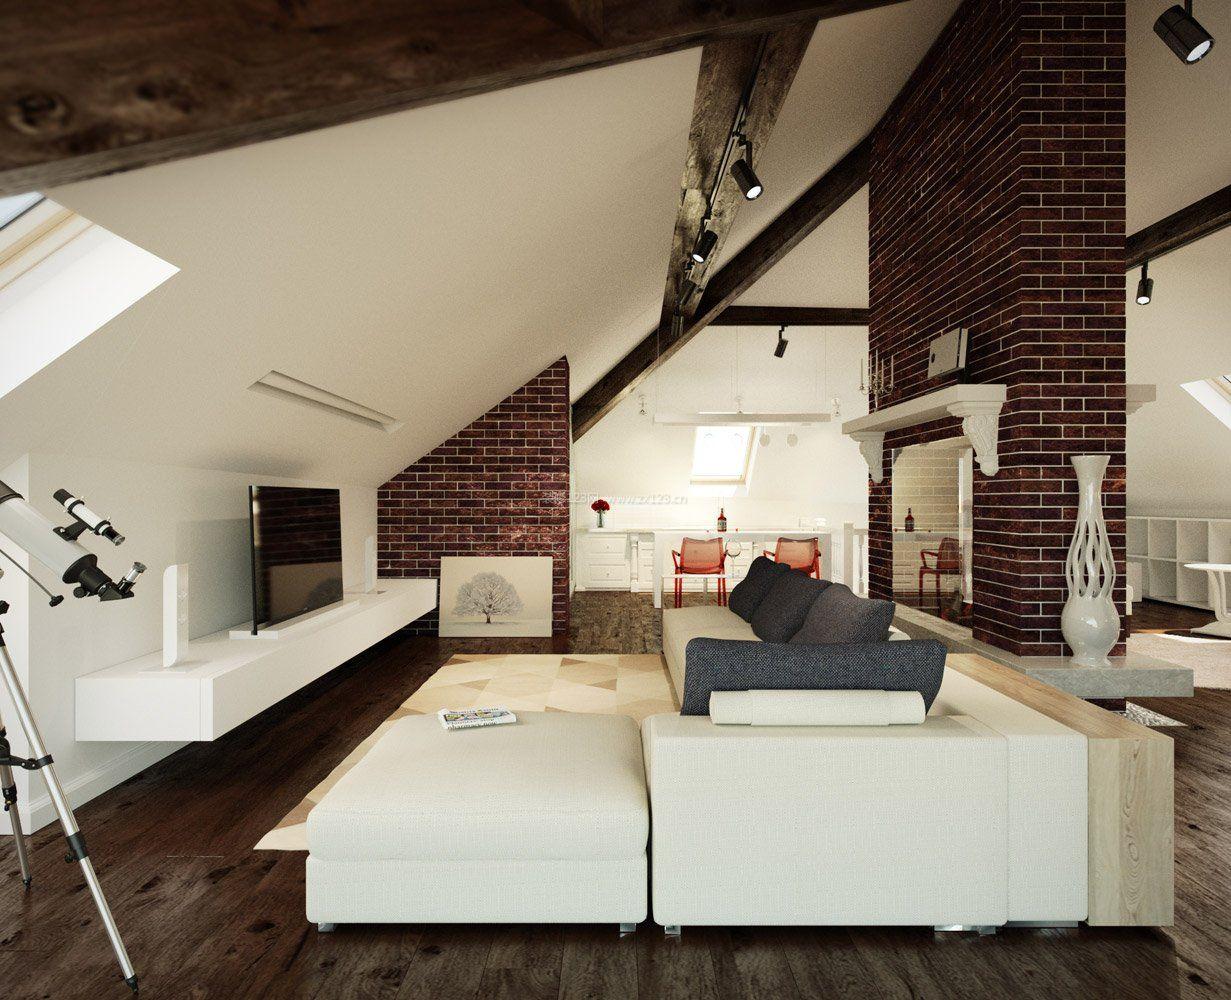 复式楼阁楼装修客厅家具摆放图片_装修123效果图